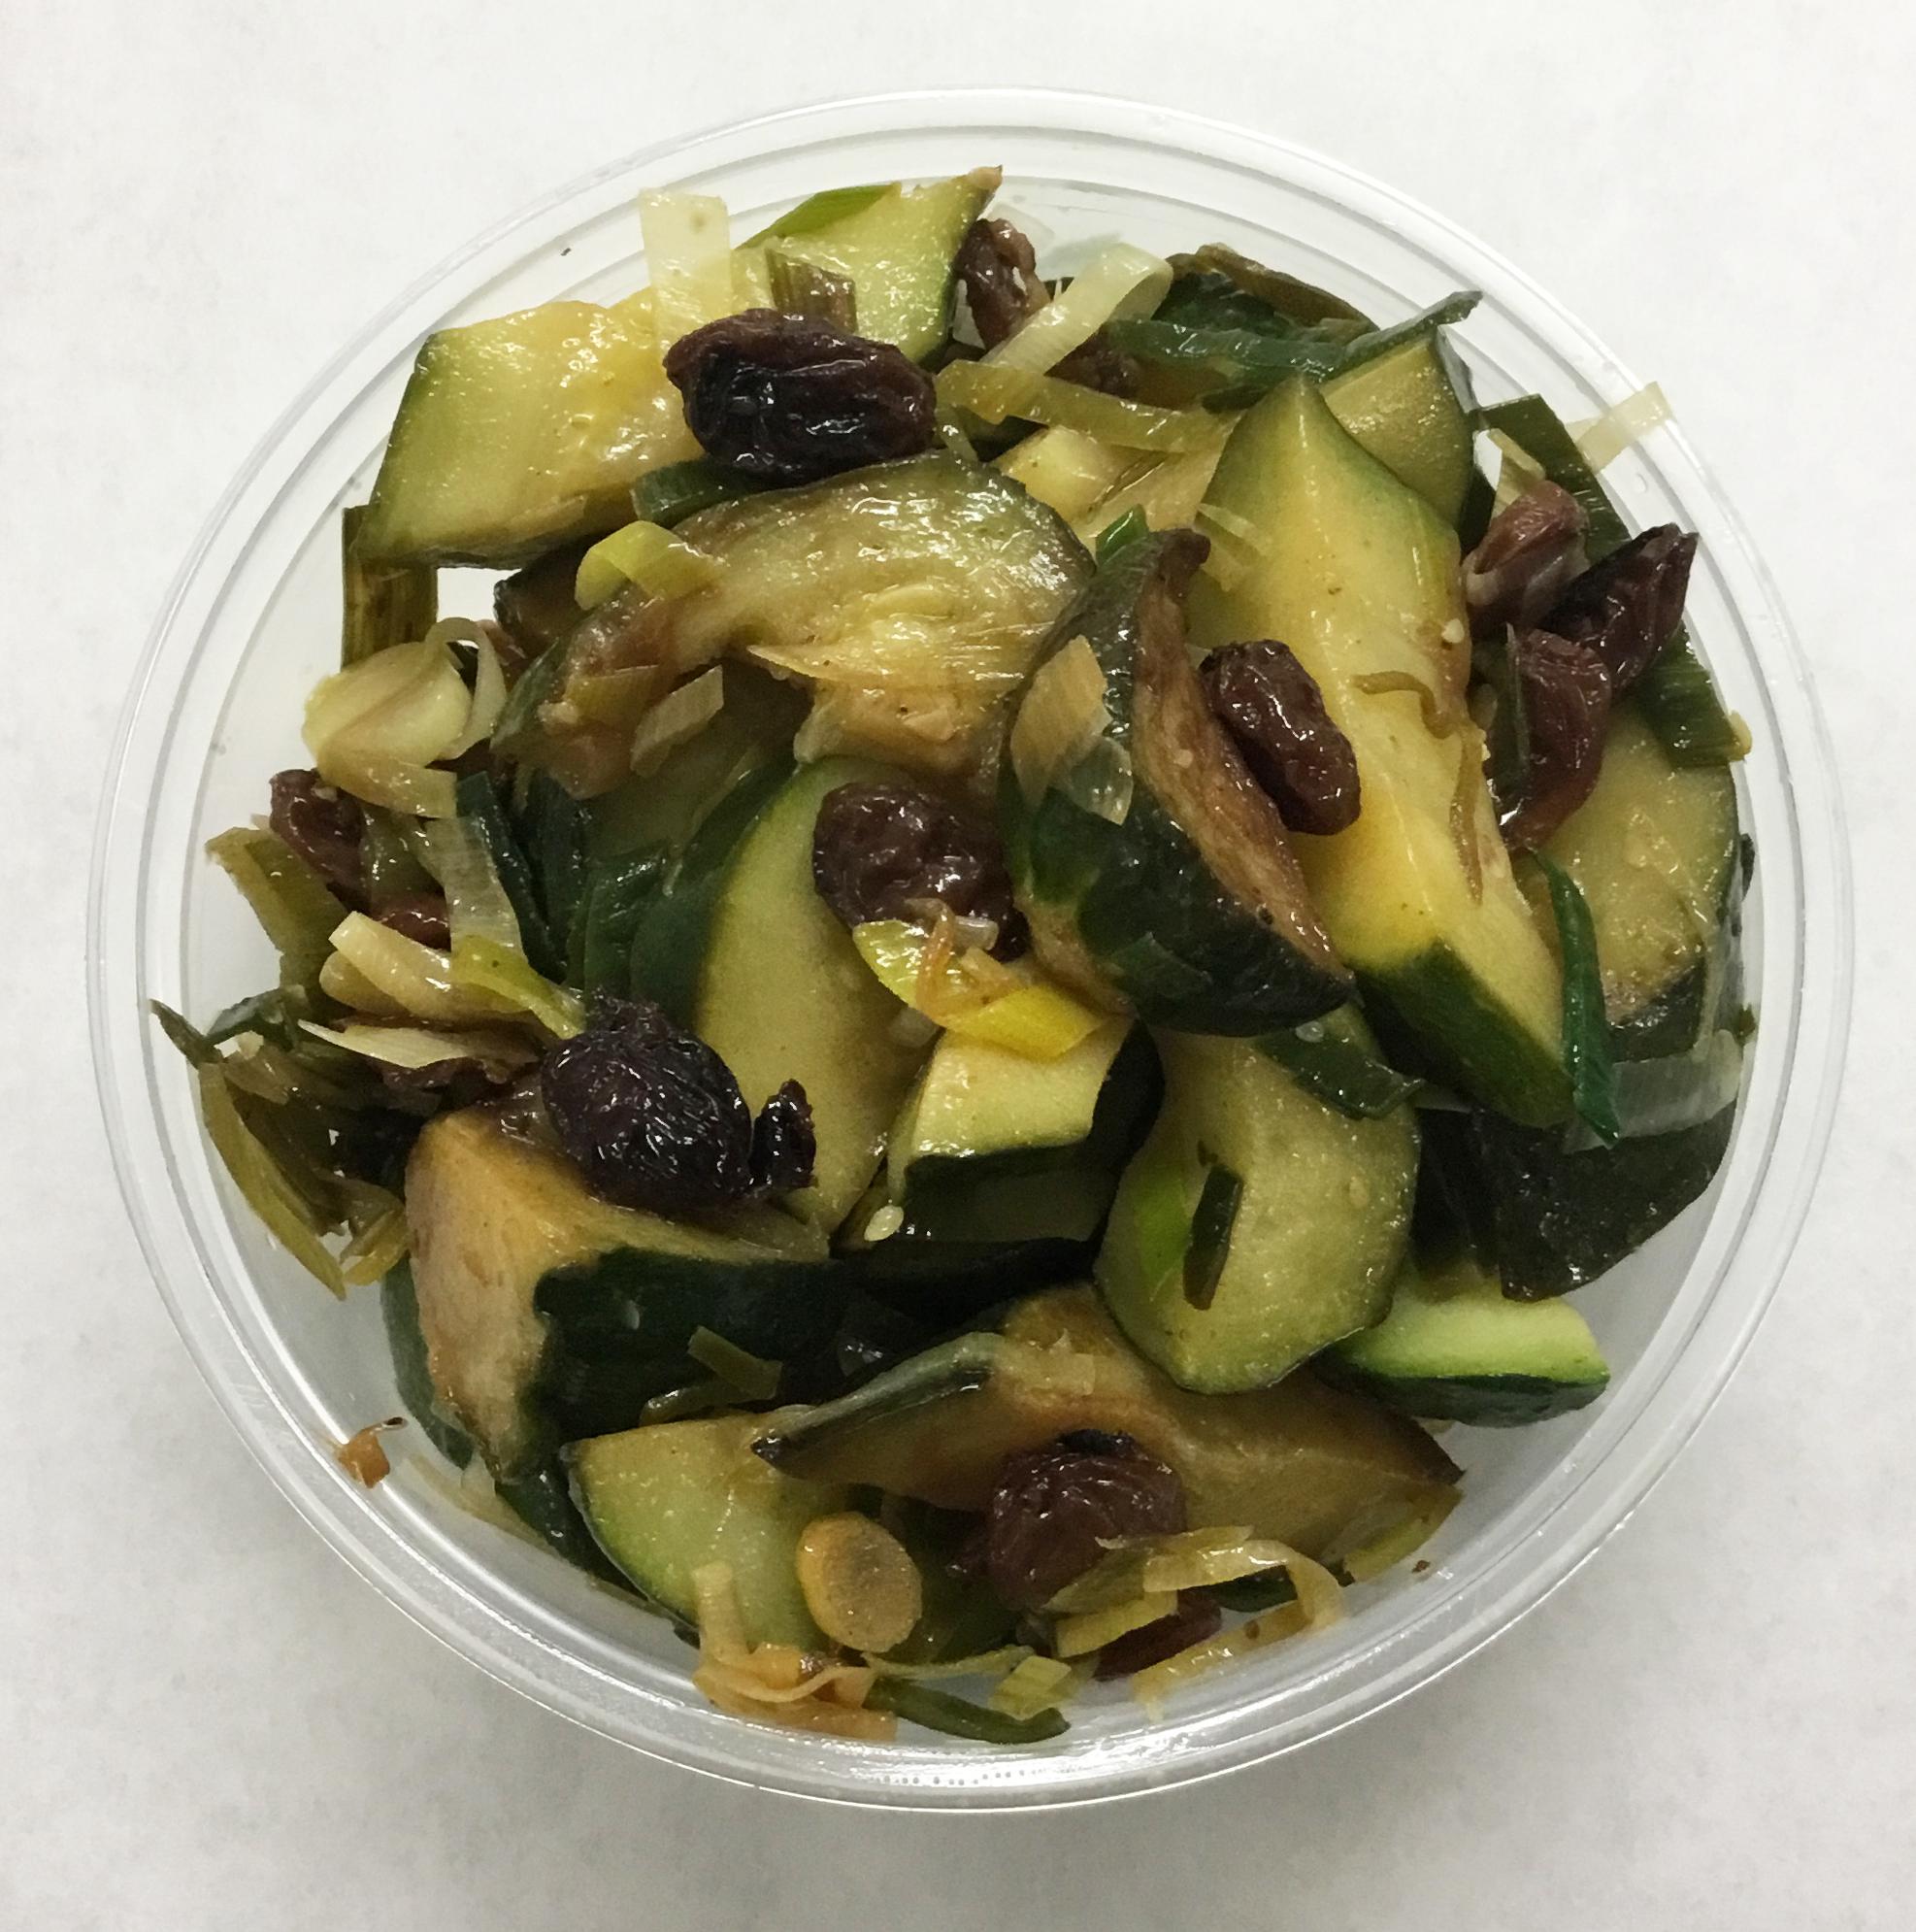 Sauteed zucchini with Thompson raisins and sage.